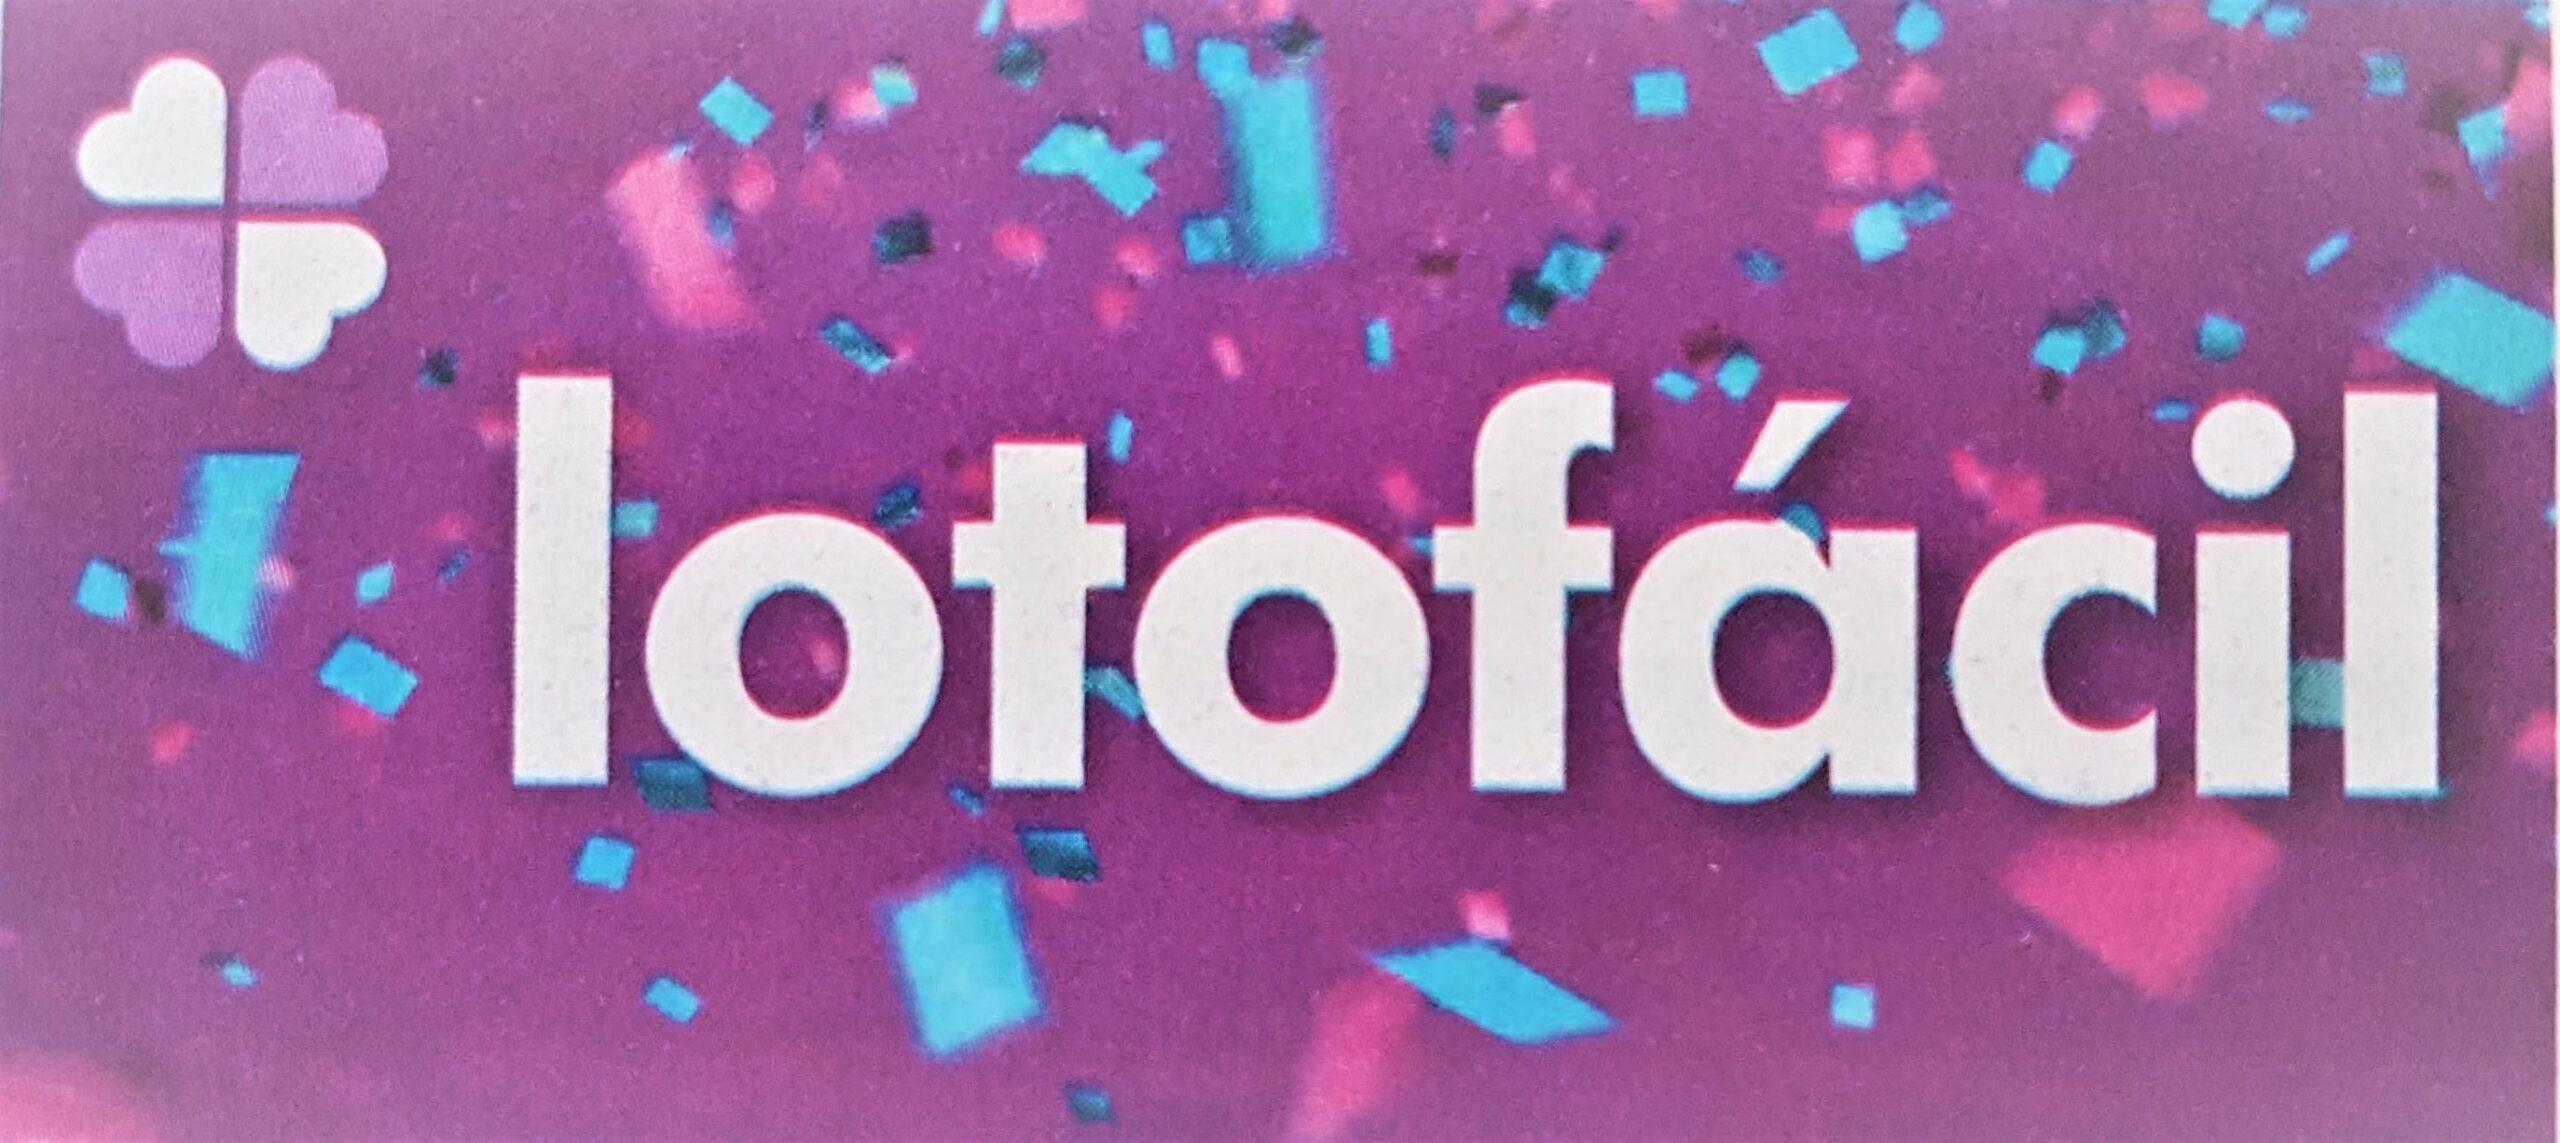 A imagem mostra o logo da lotofacil